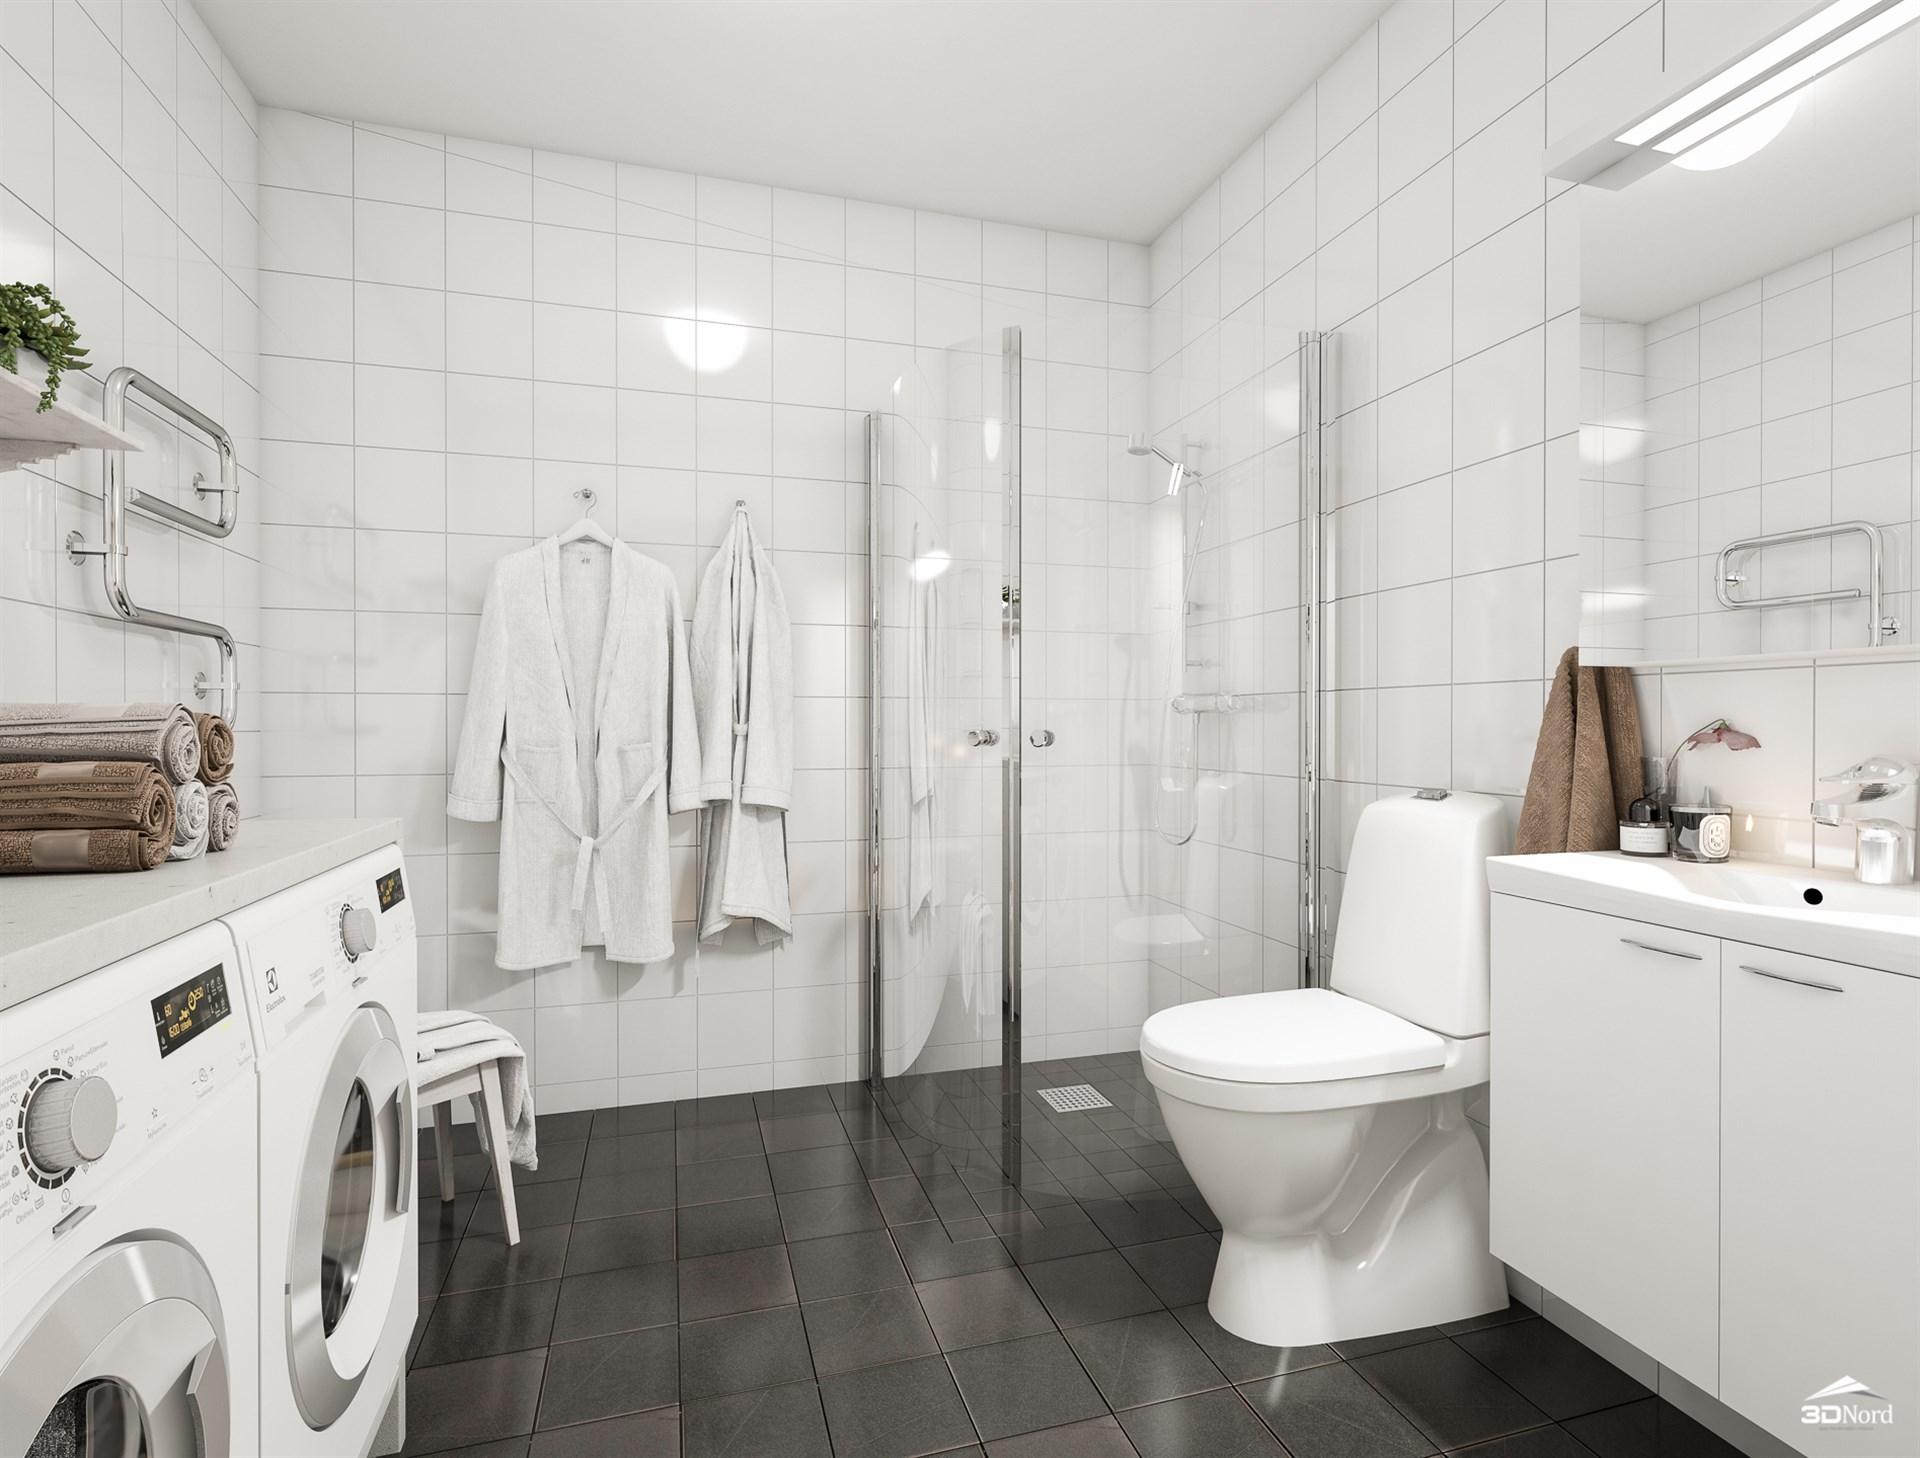 Badrum Bilderna är illustrationer och att avvikelser kan förekomma.